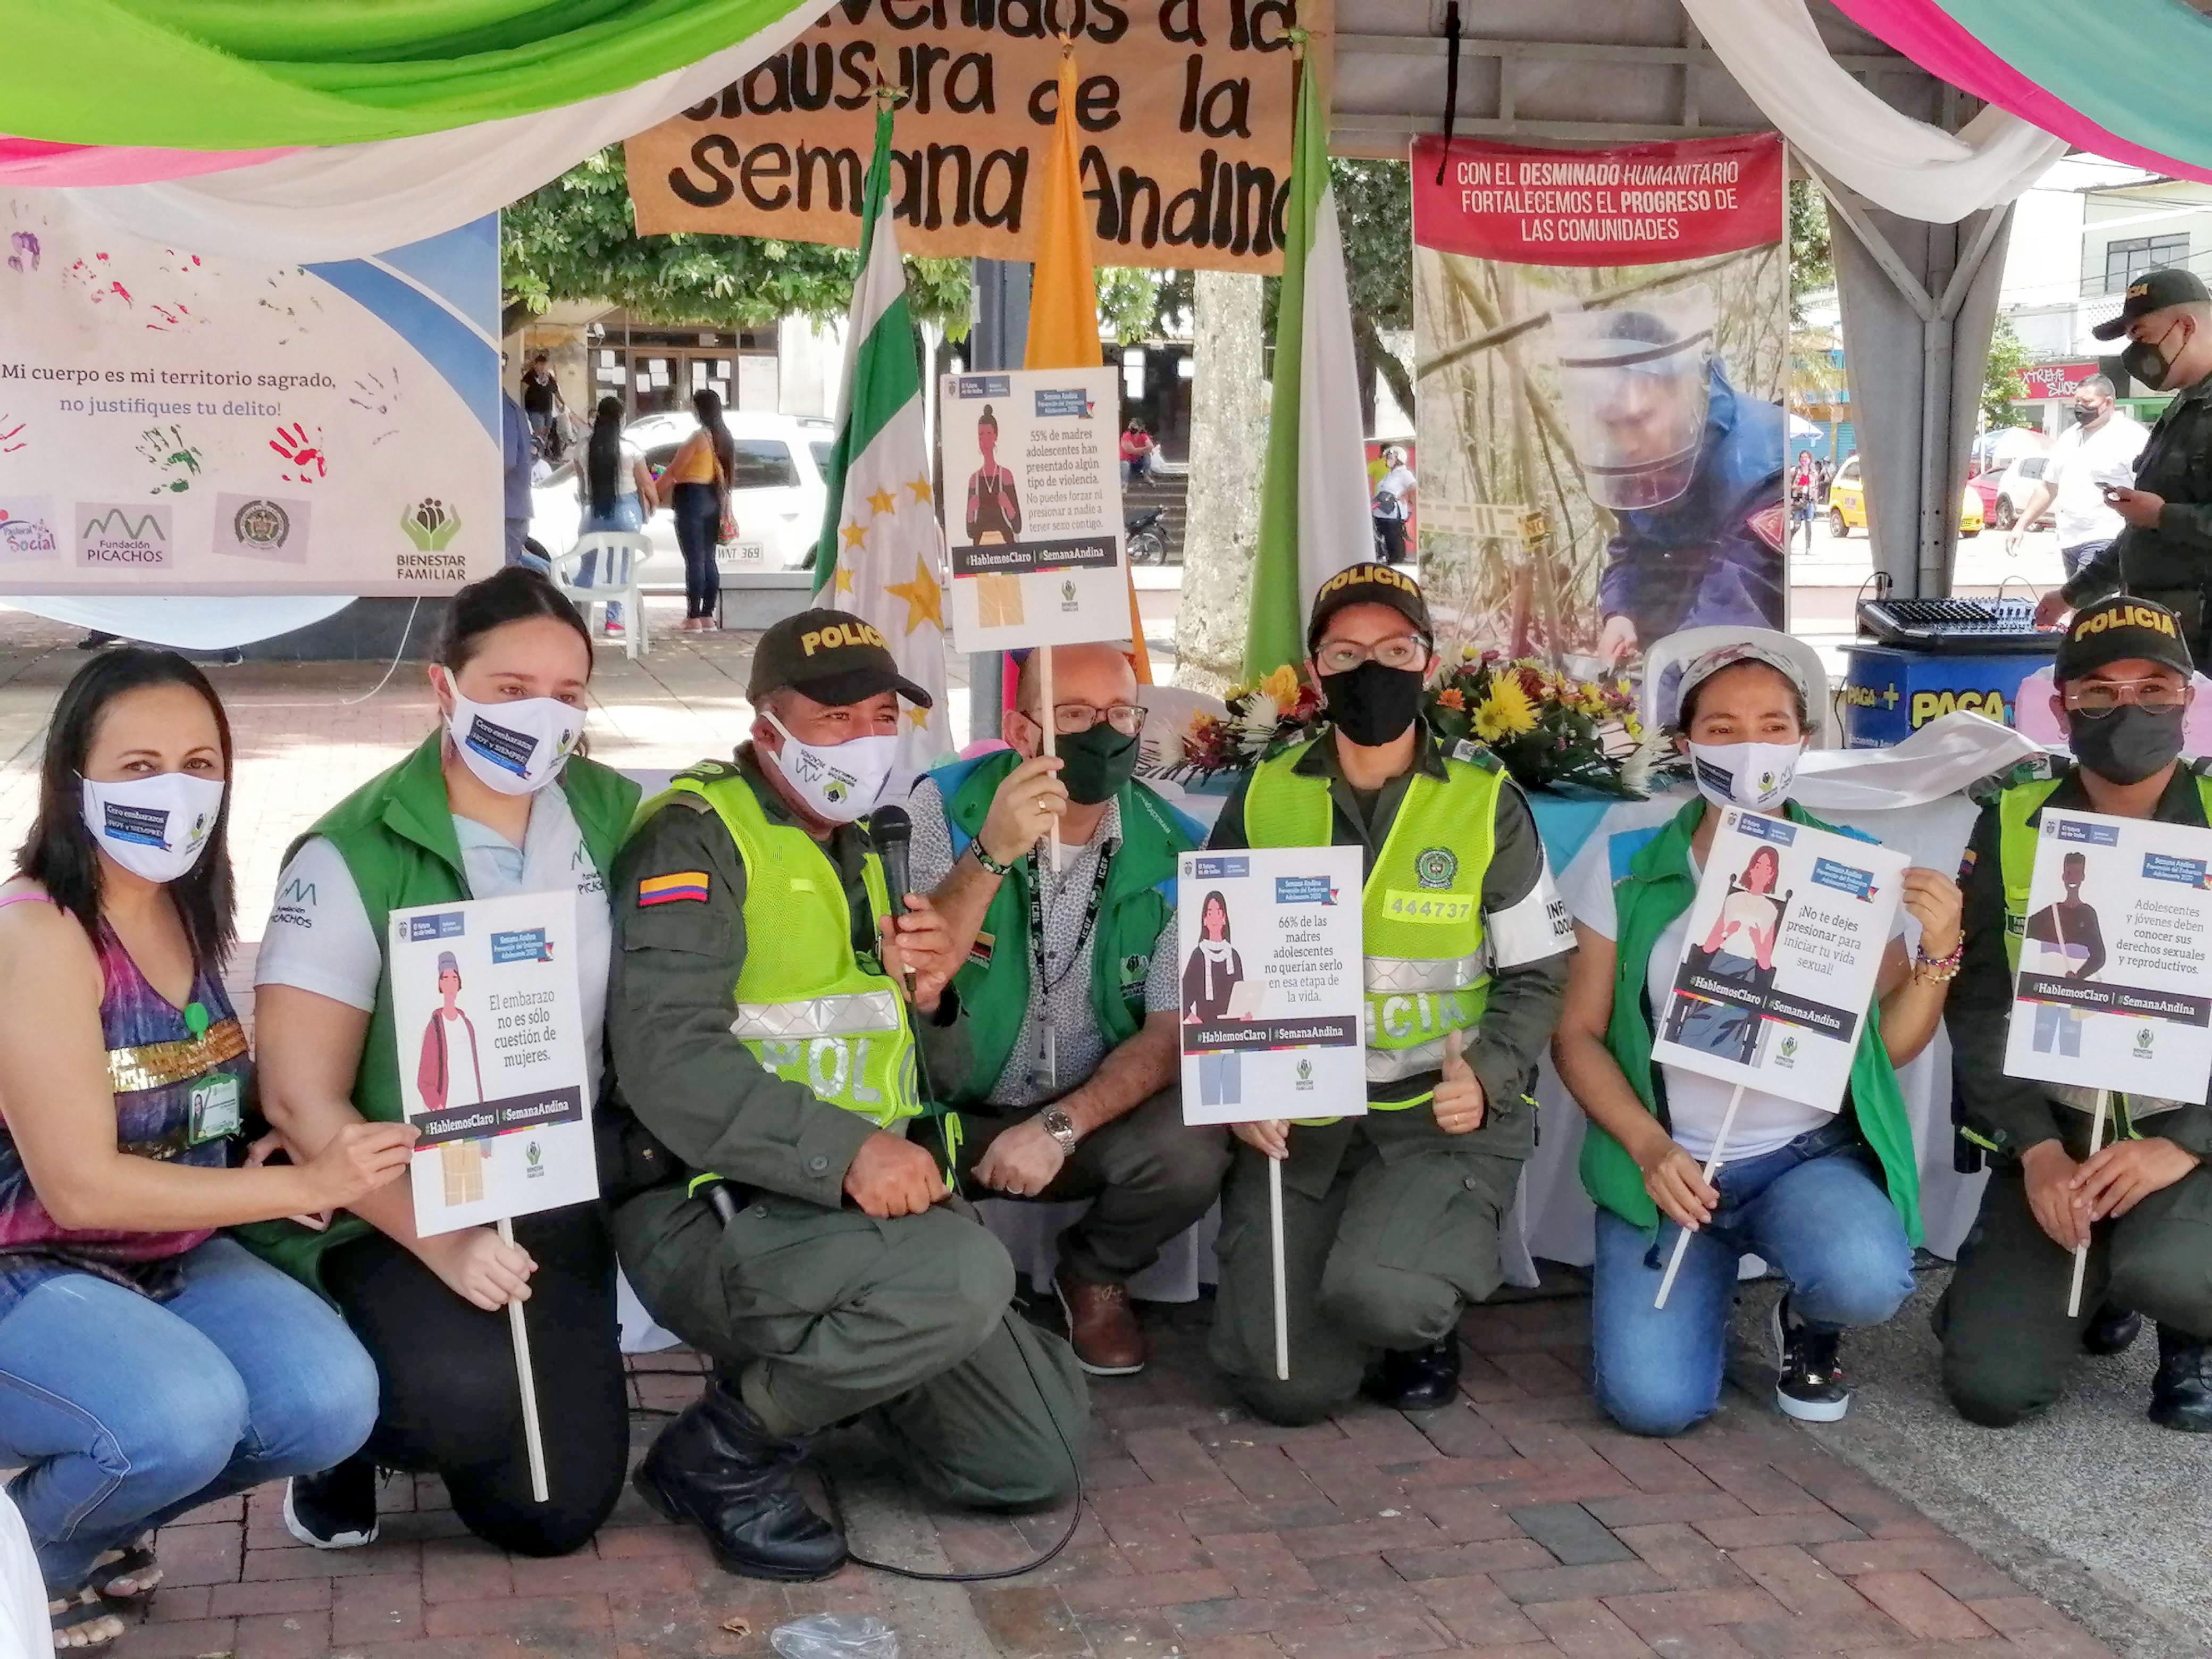 ICBF fortalece la prevención del embarazo adolescente en Caquetá